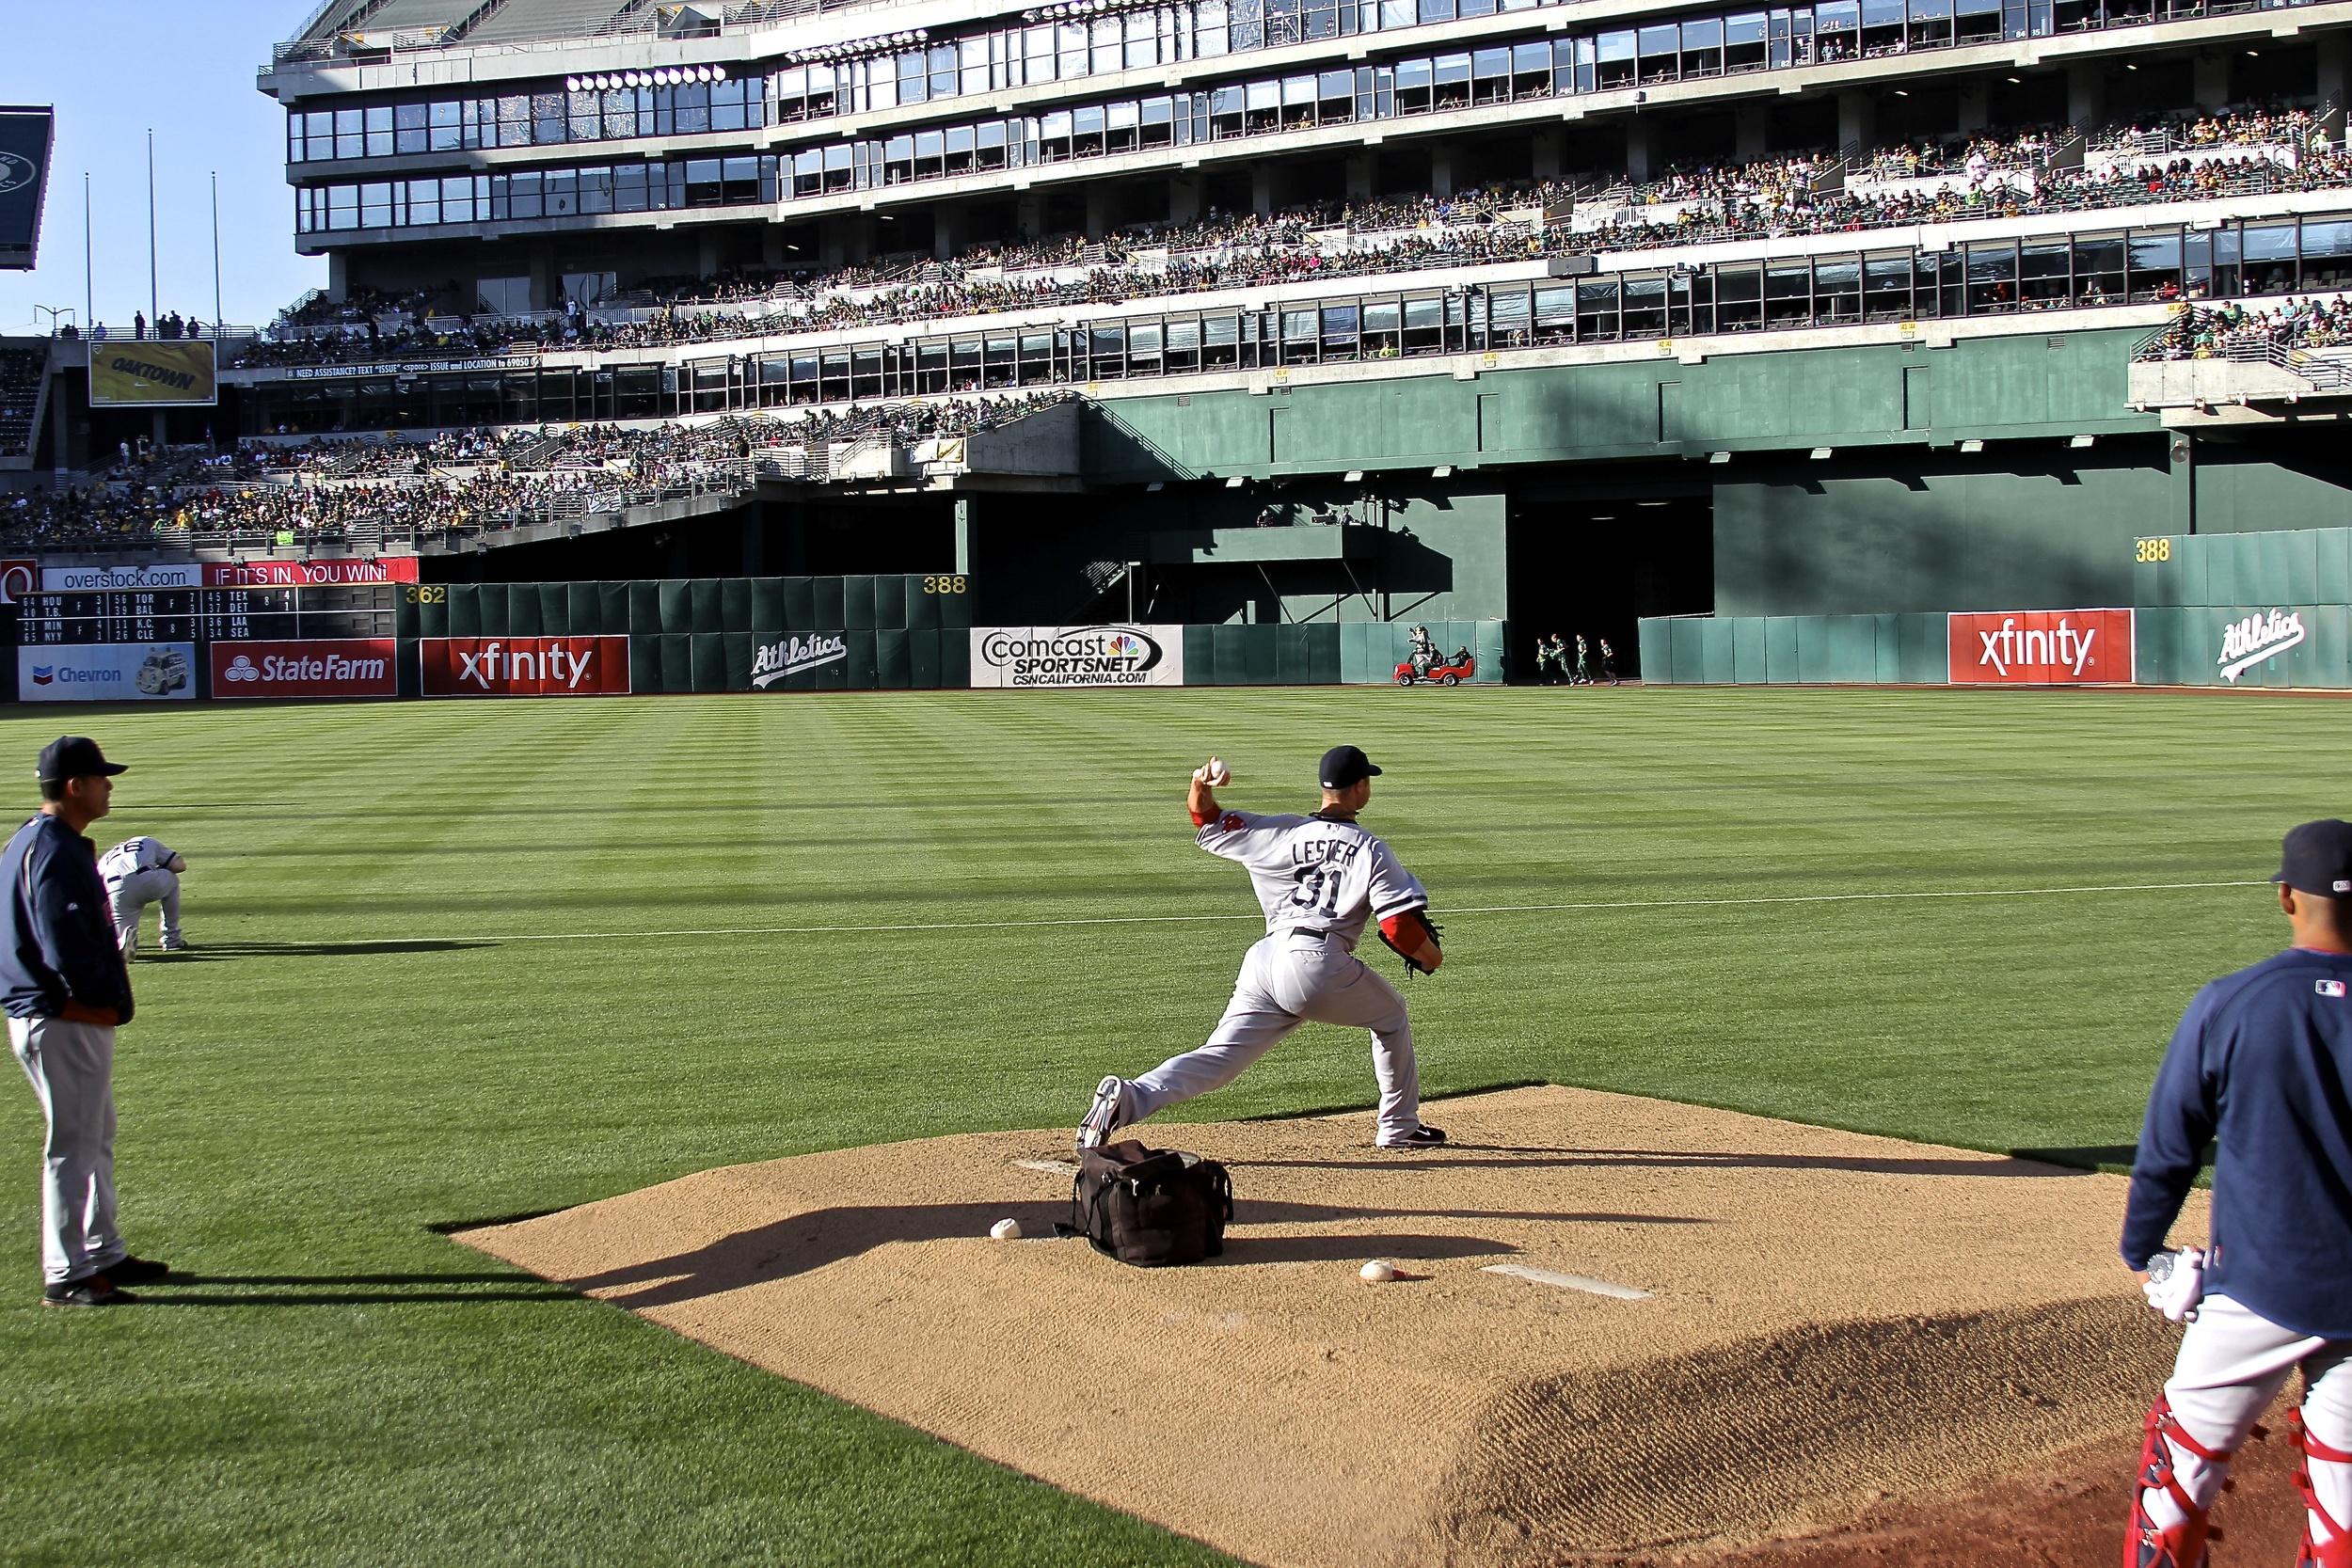 Jon Lester warms up in the bullpen